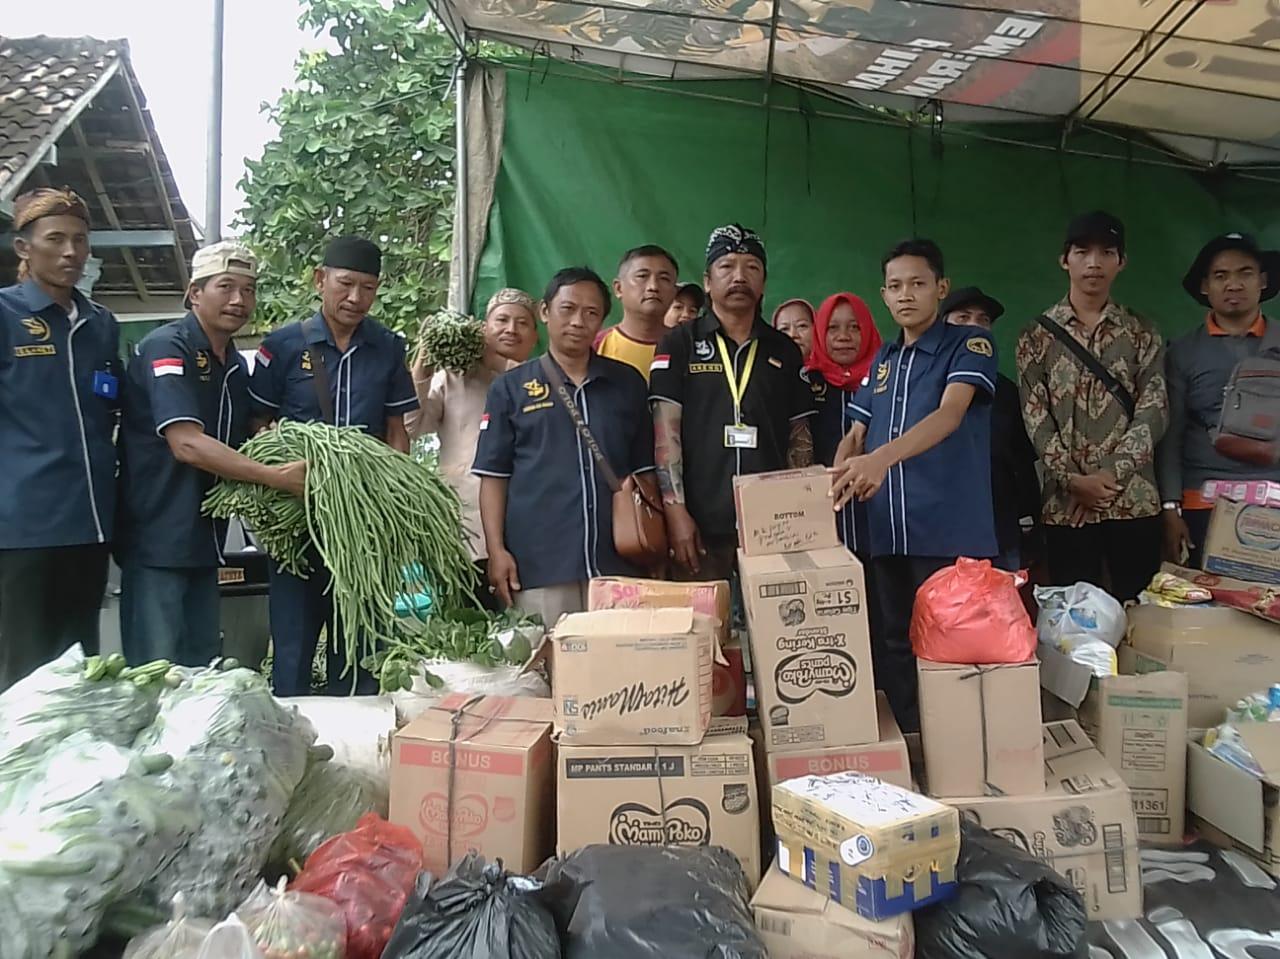 Pada Kamis, 03 Januari 2019 Paguyuban Pandemen Campursari Radio Suara Wajar Bandar Lampung menyalurkan bantuan untuk korban tsunami di Kalianda, Lampung Selatan.